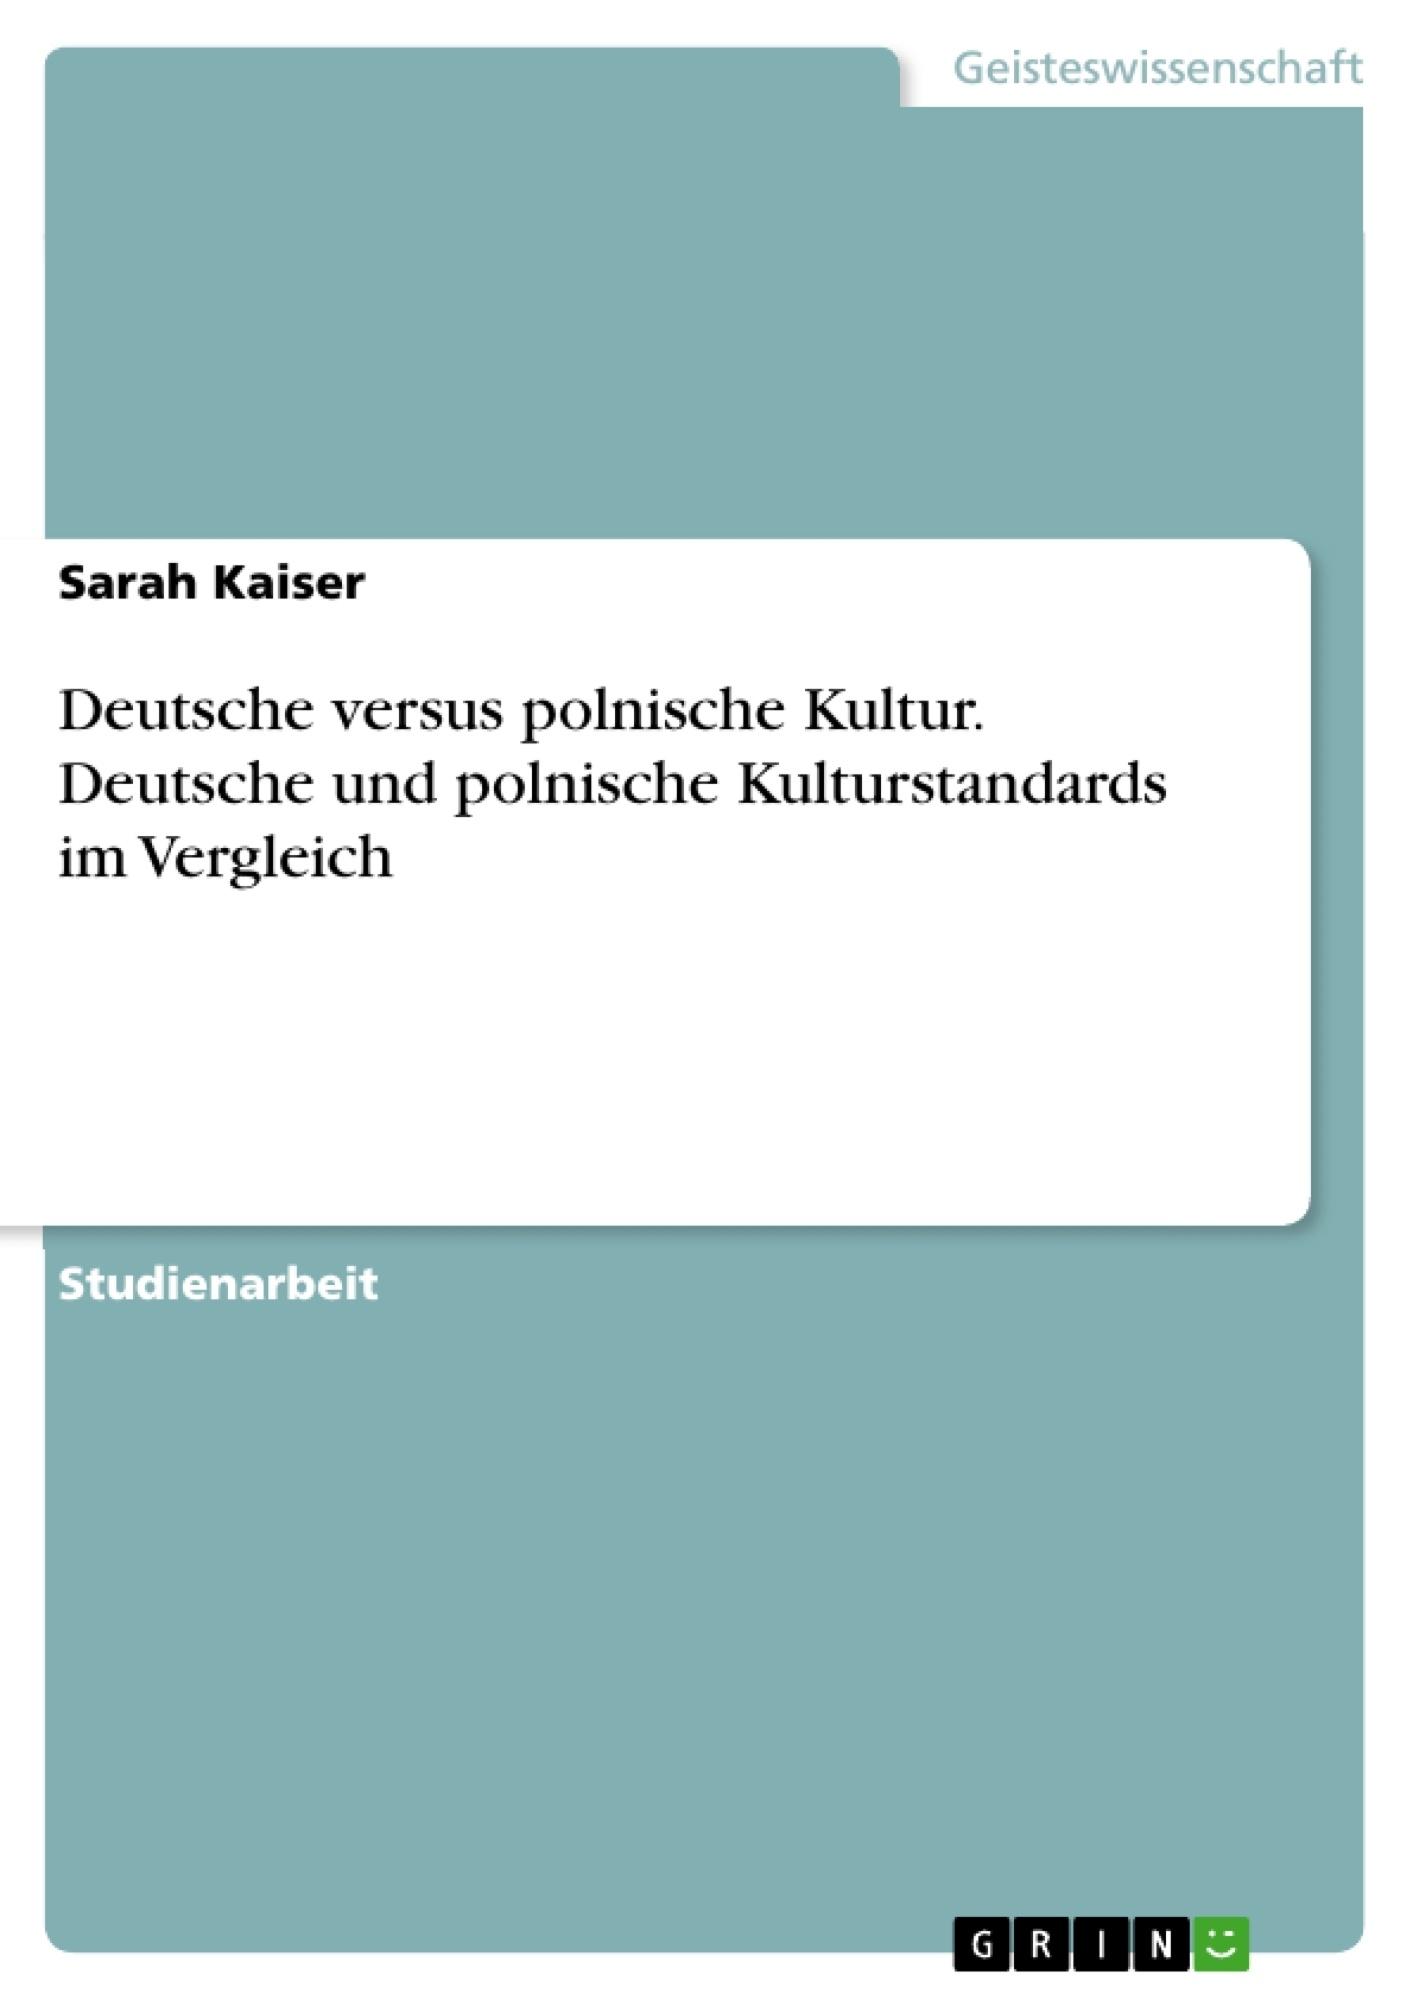 Titel: Deutsche versus polnische Kultur. Deutsche und polnische Kulturstandards im Vergleich